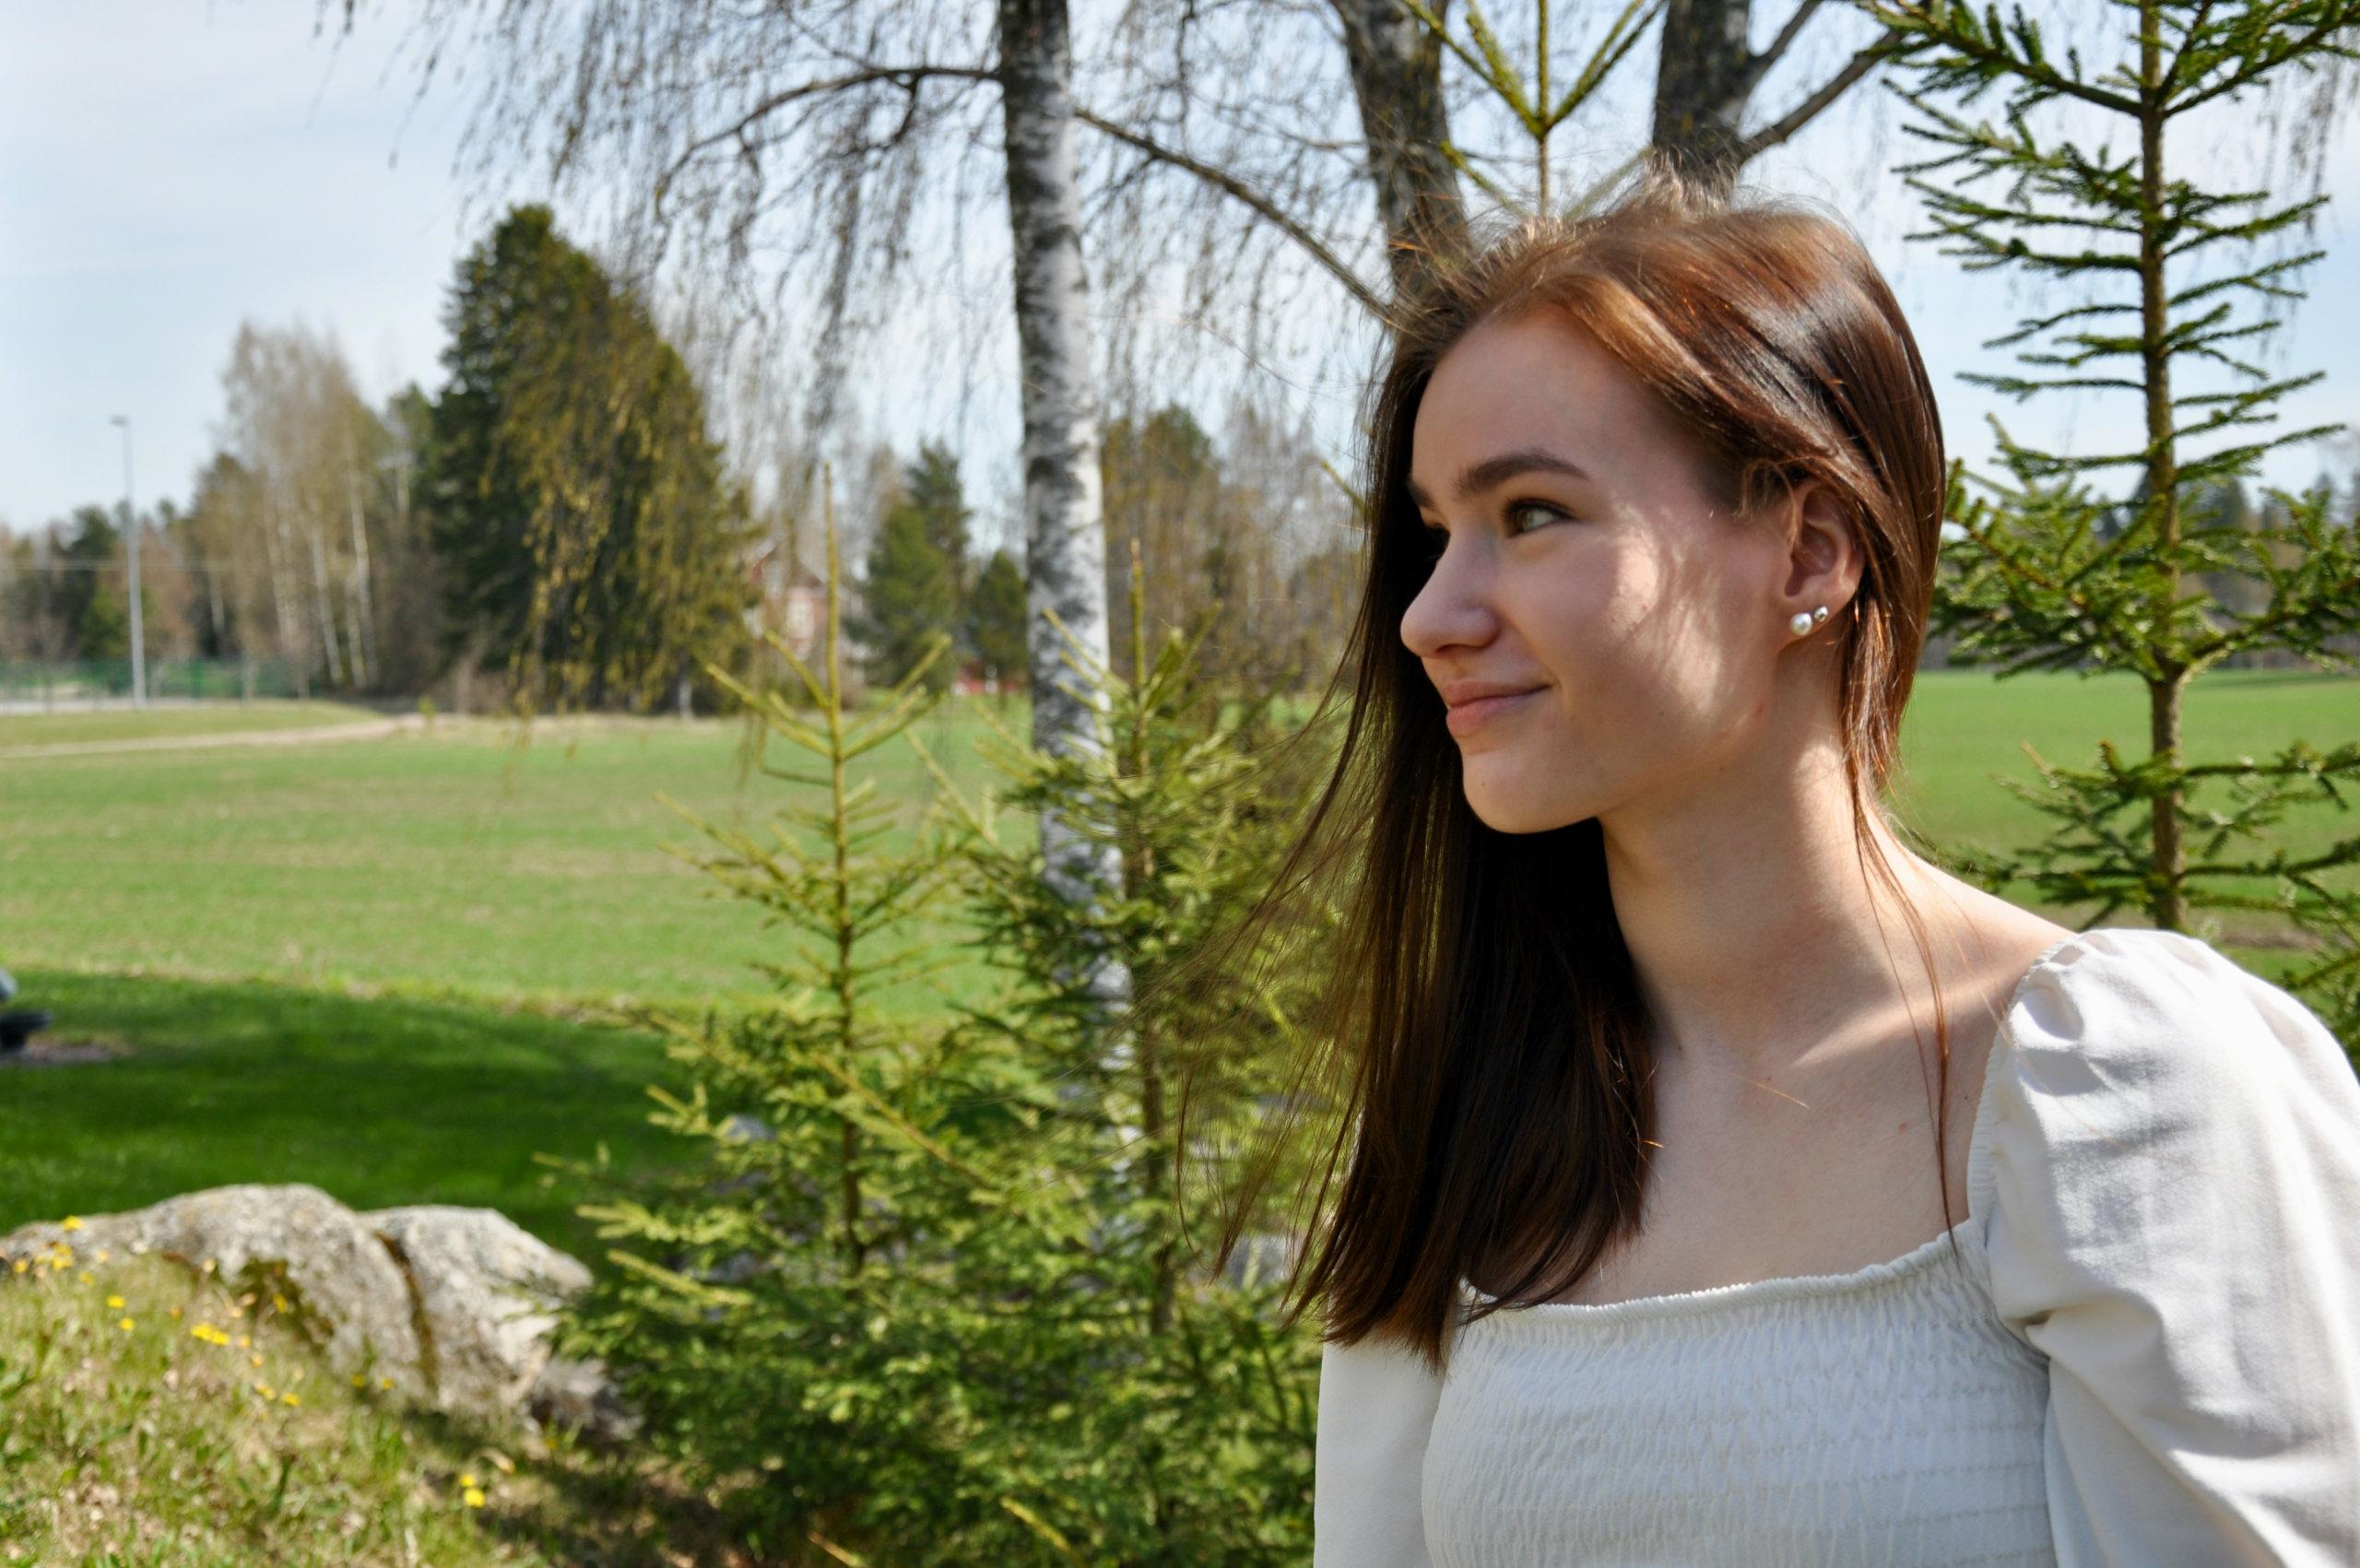 Korona-ajan etäopiskelu ei tuottanut vaikeuksia Anni Välimaalle, joka on tottunut itsenäiseen ja määrätietoiseen opiskeluun.